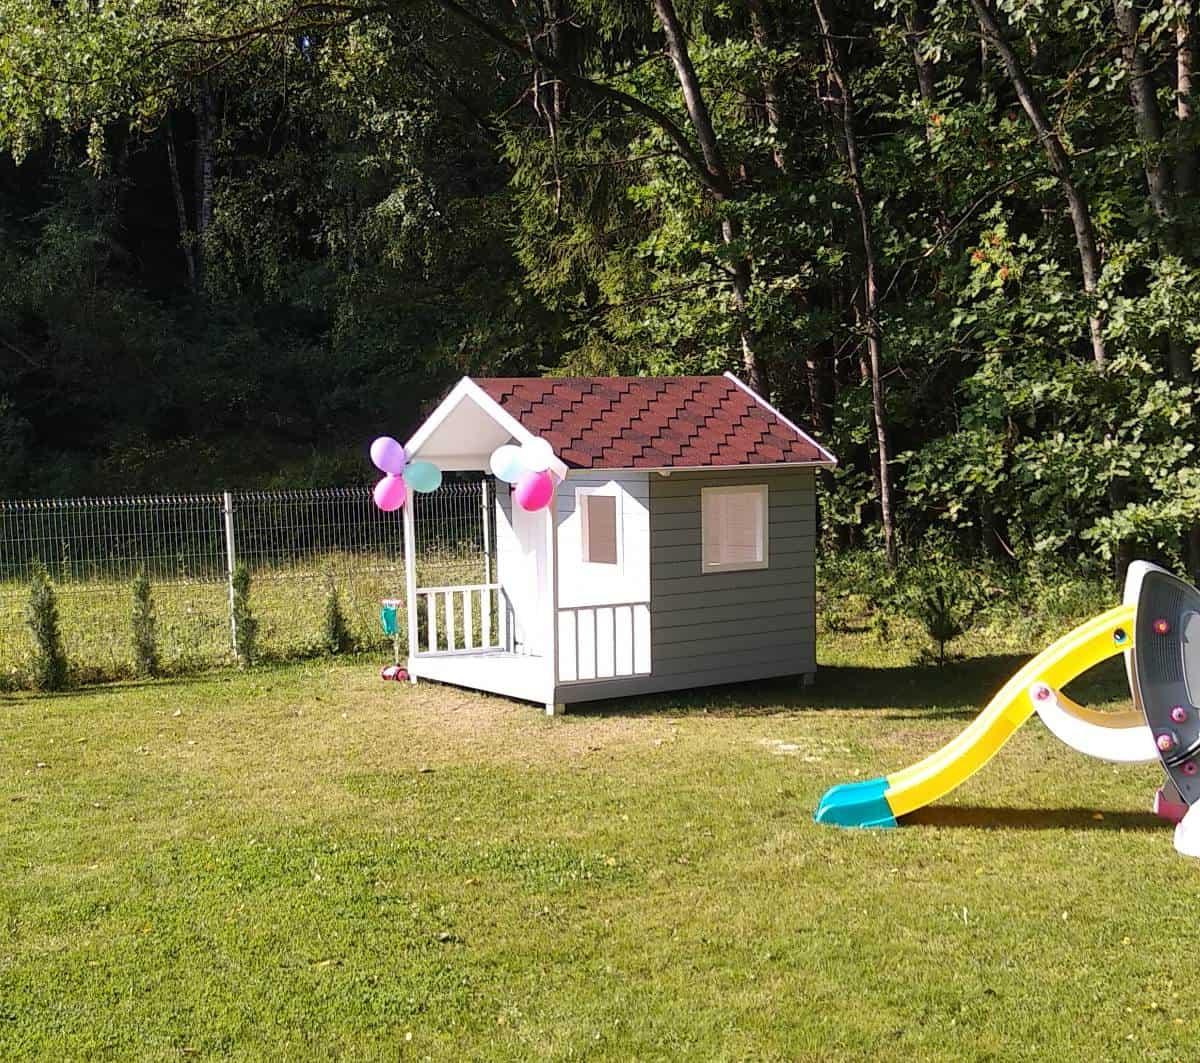 Kaip pačiam pastatyti medinį vaikų žaidimų namelį